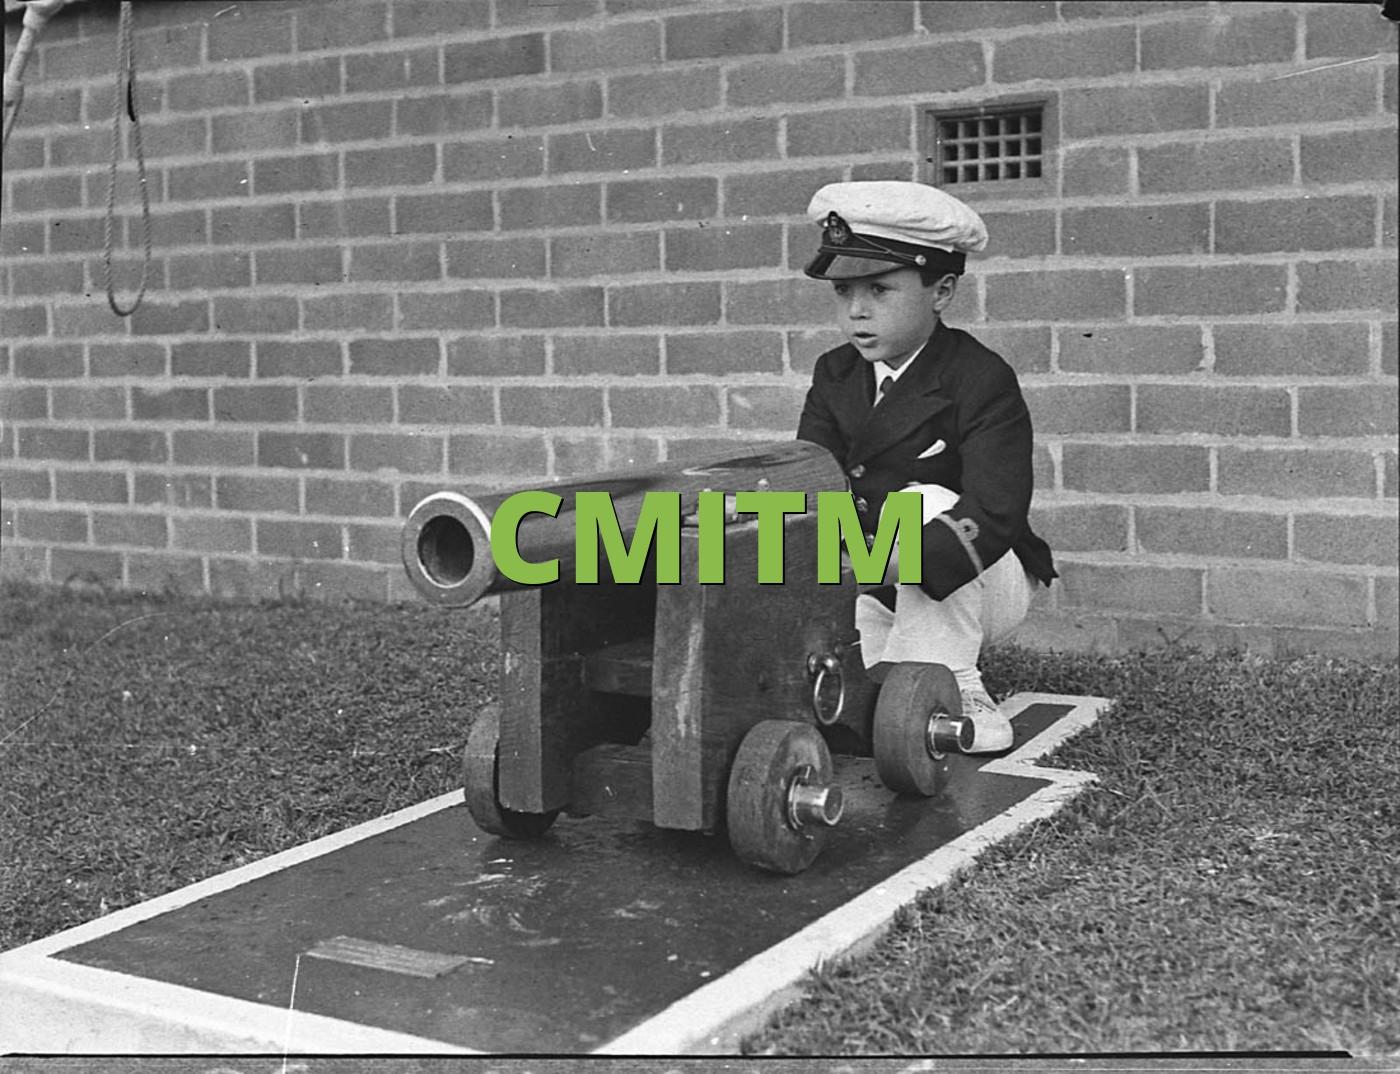 CMITM